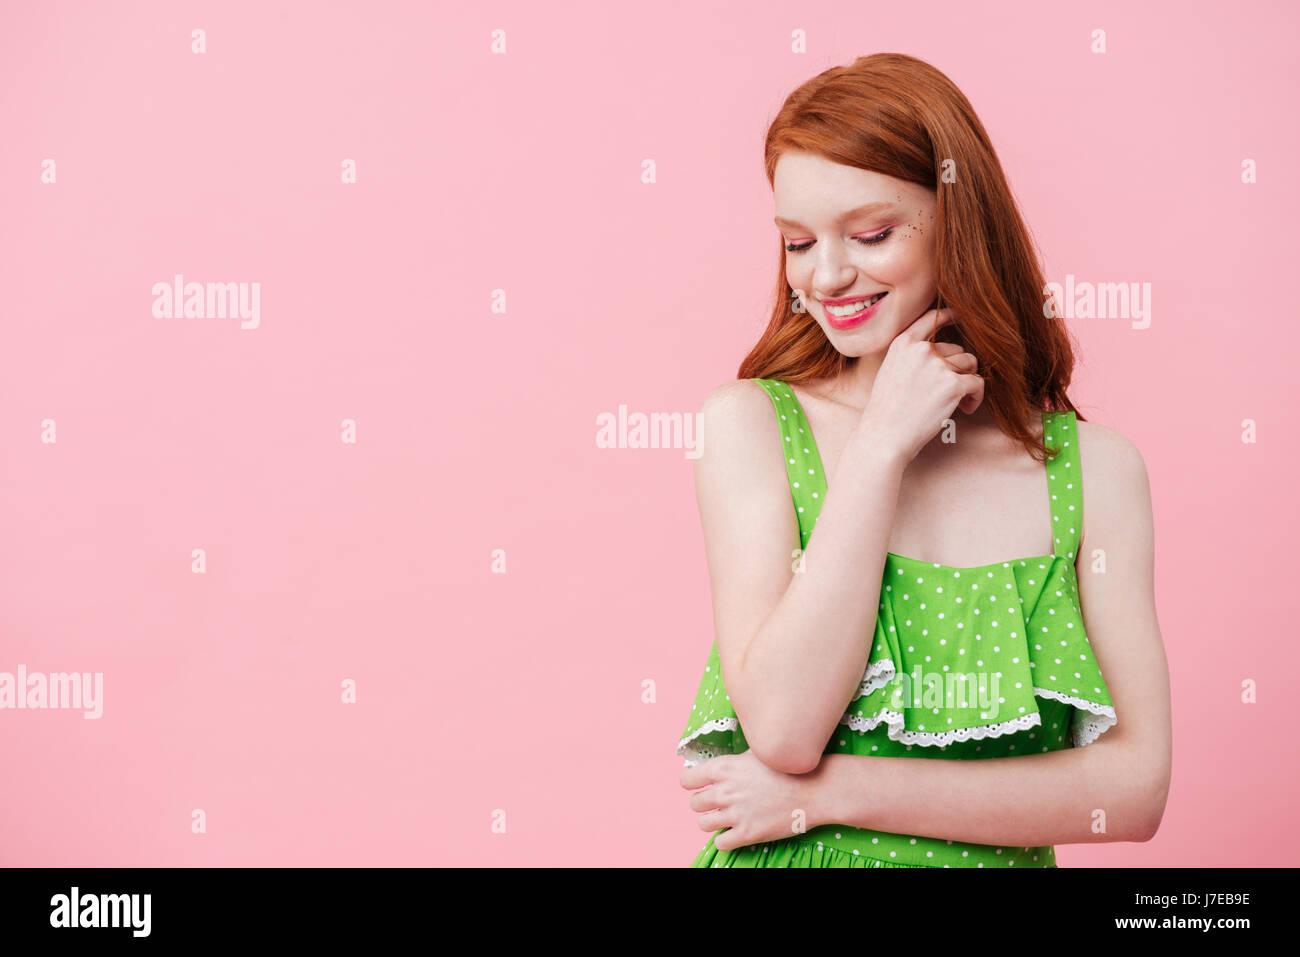 Portrait de jeune femme rousse portant robe vert et regardant vers le bas Photo Stock